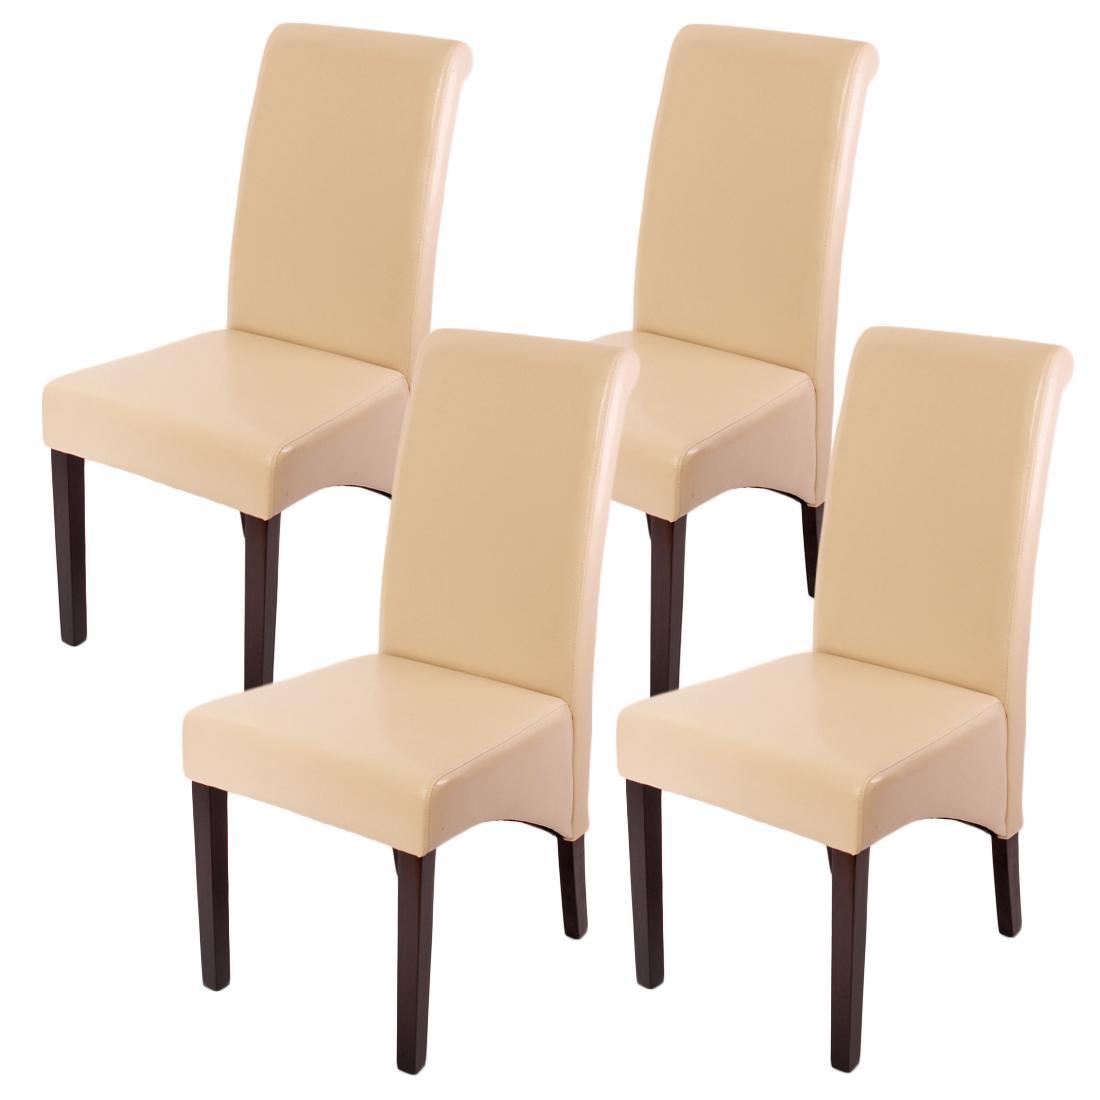 lote sillas de comedor turin tapizadas en piel real crema y patas madera oscuras